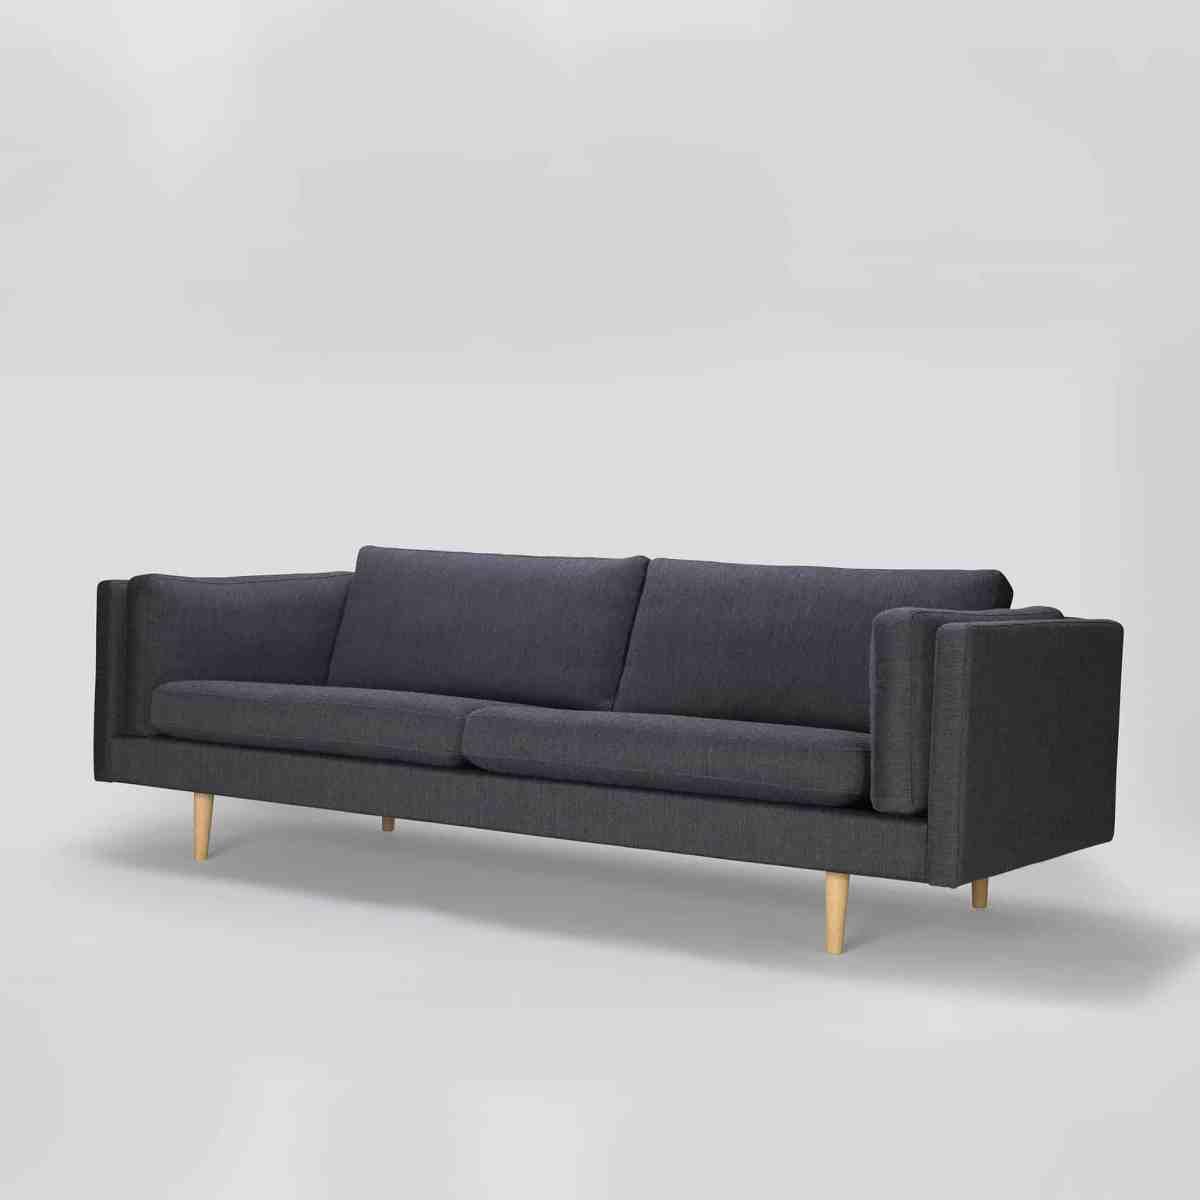 SL194-soren-lund-danish-sofa-003